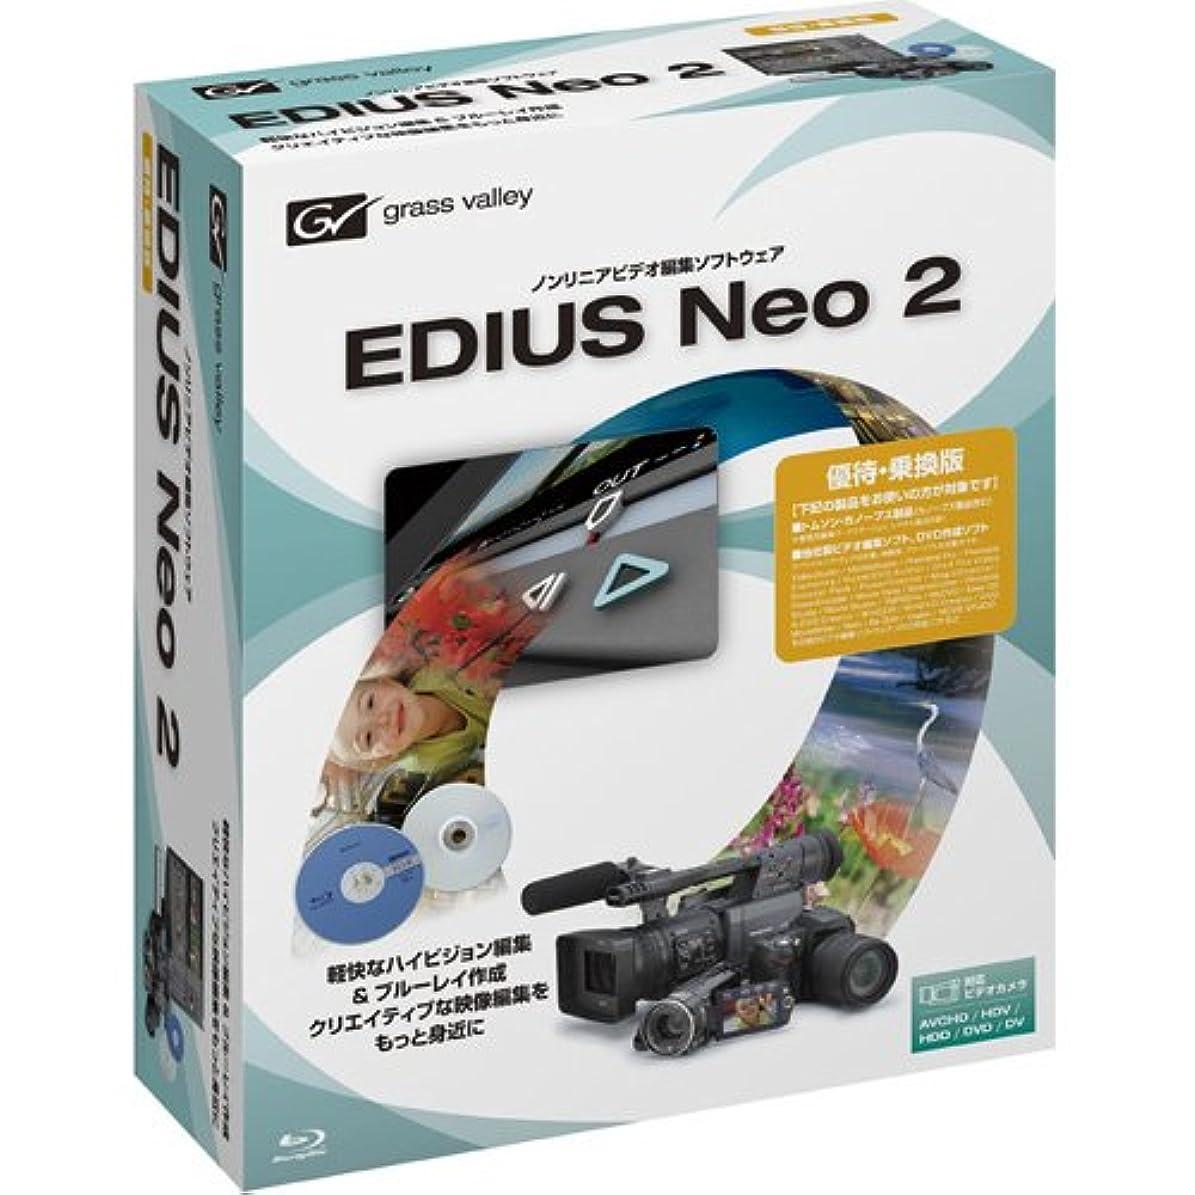 ストロー散らす汗EDIUS Neo2 優待乗換版 EDIUSNEO2-SP